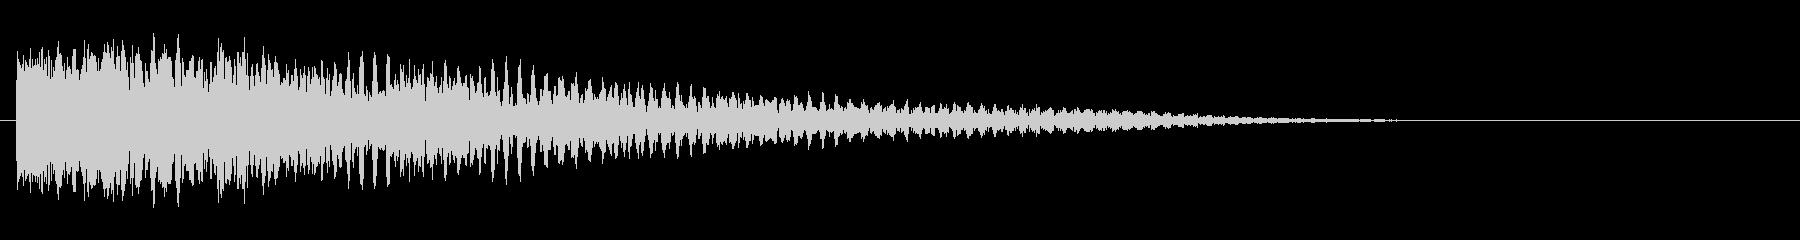 ガガガガーン サスペンス 衝撃 #2の未再生の波形